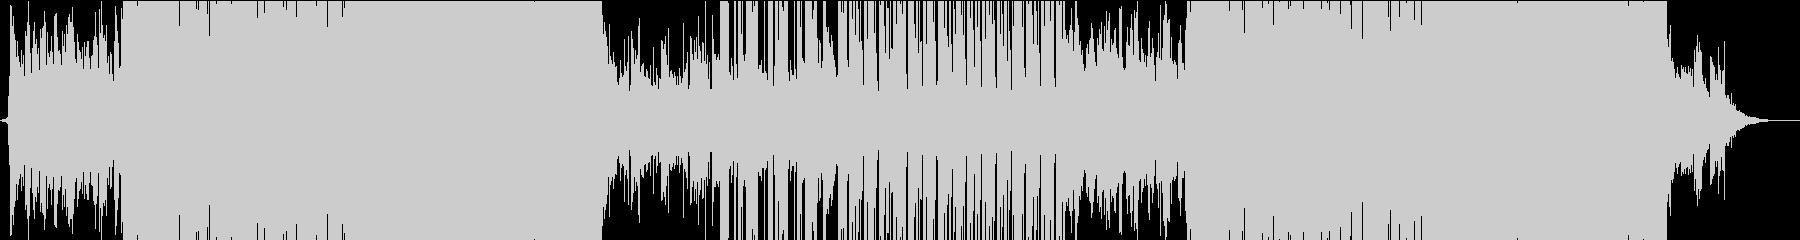 90年代切ないメロディR&B系楽曲 の未再生の波形